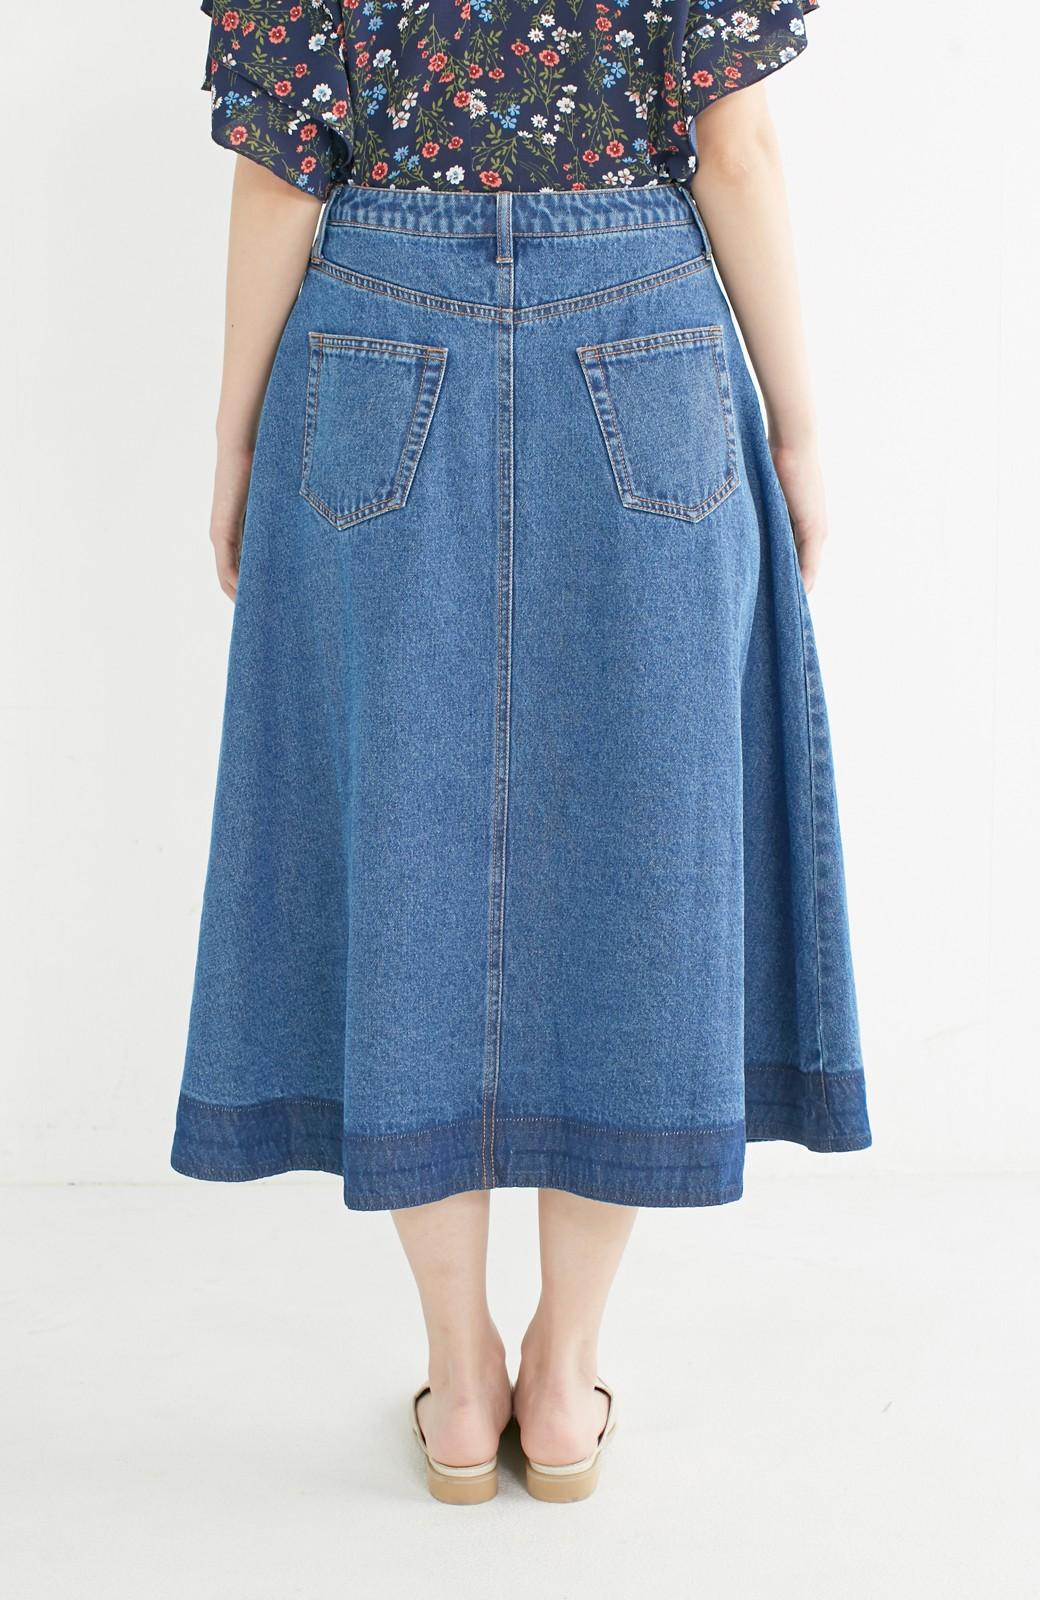 nusy 裾配色のミモレ丈デニムスカート <ライトインディゴブルー>の商品写真12